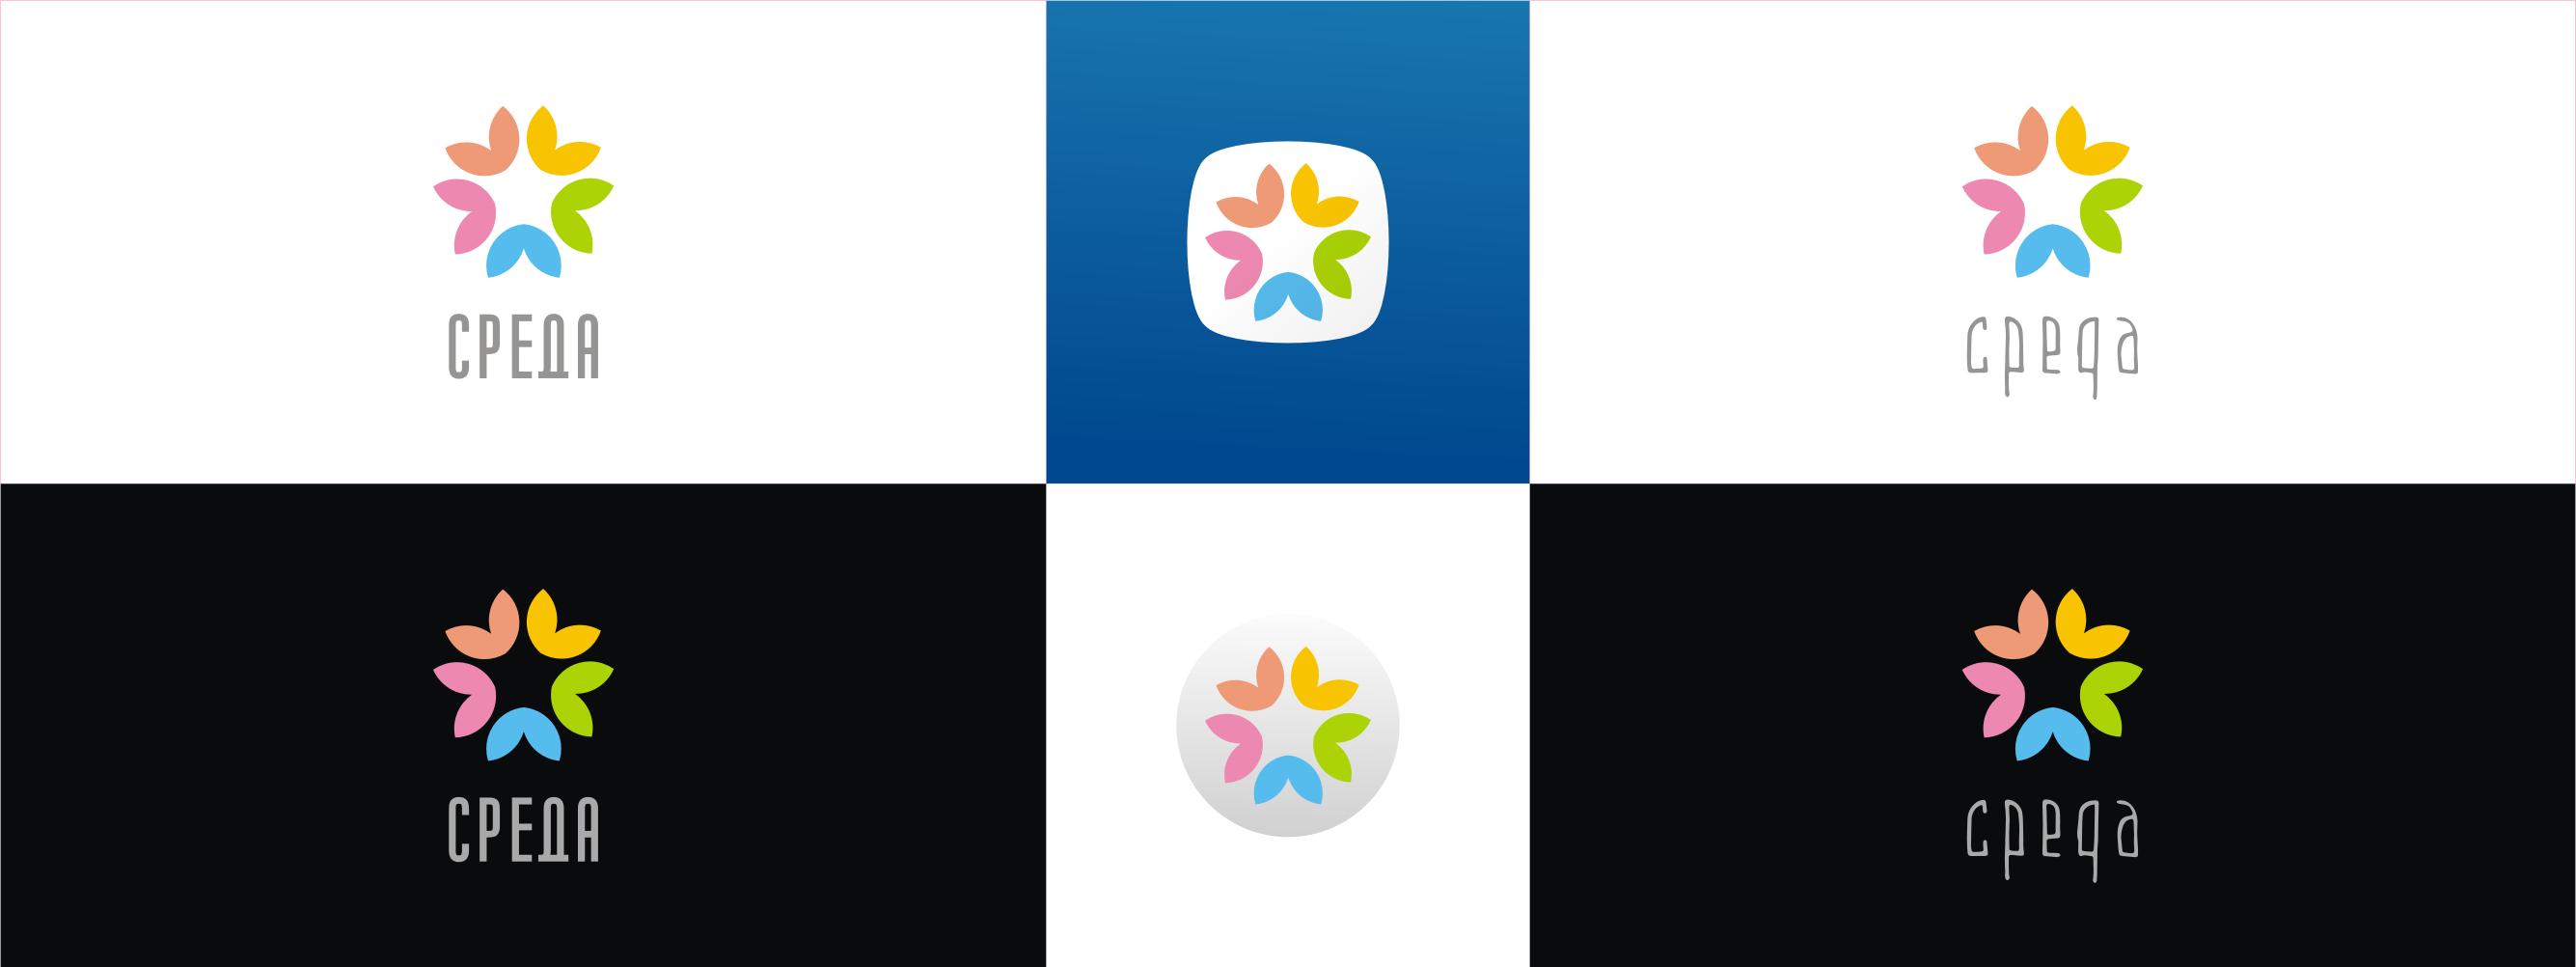 Разработка логотипа для творческого портала фото f_2795b5aa8ed0161b.png